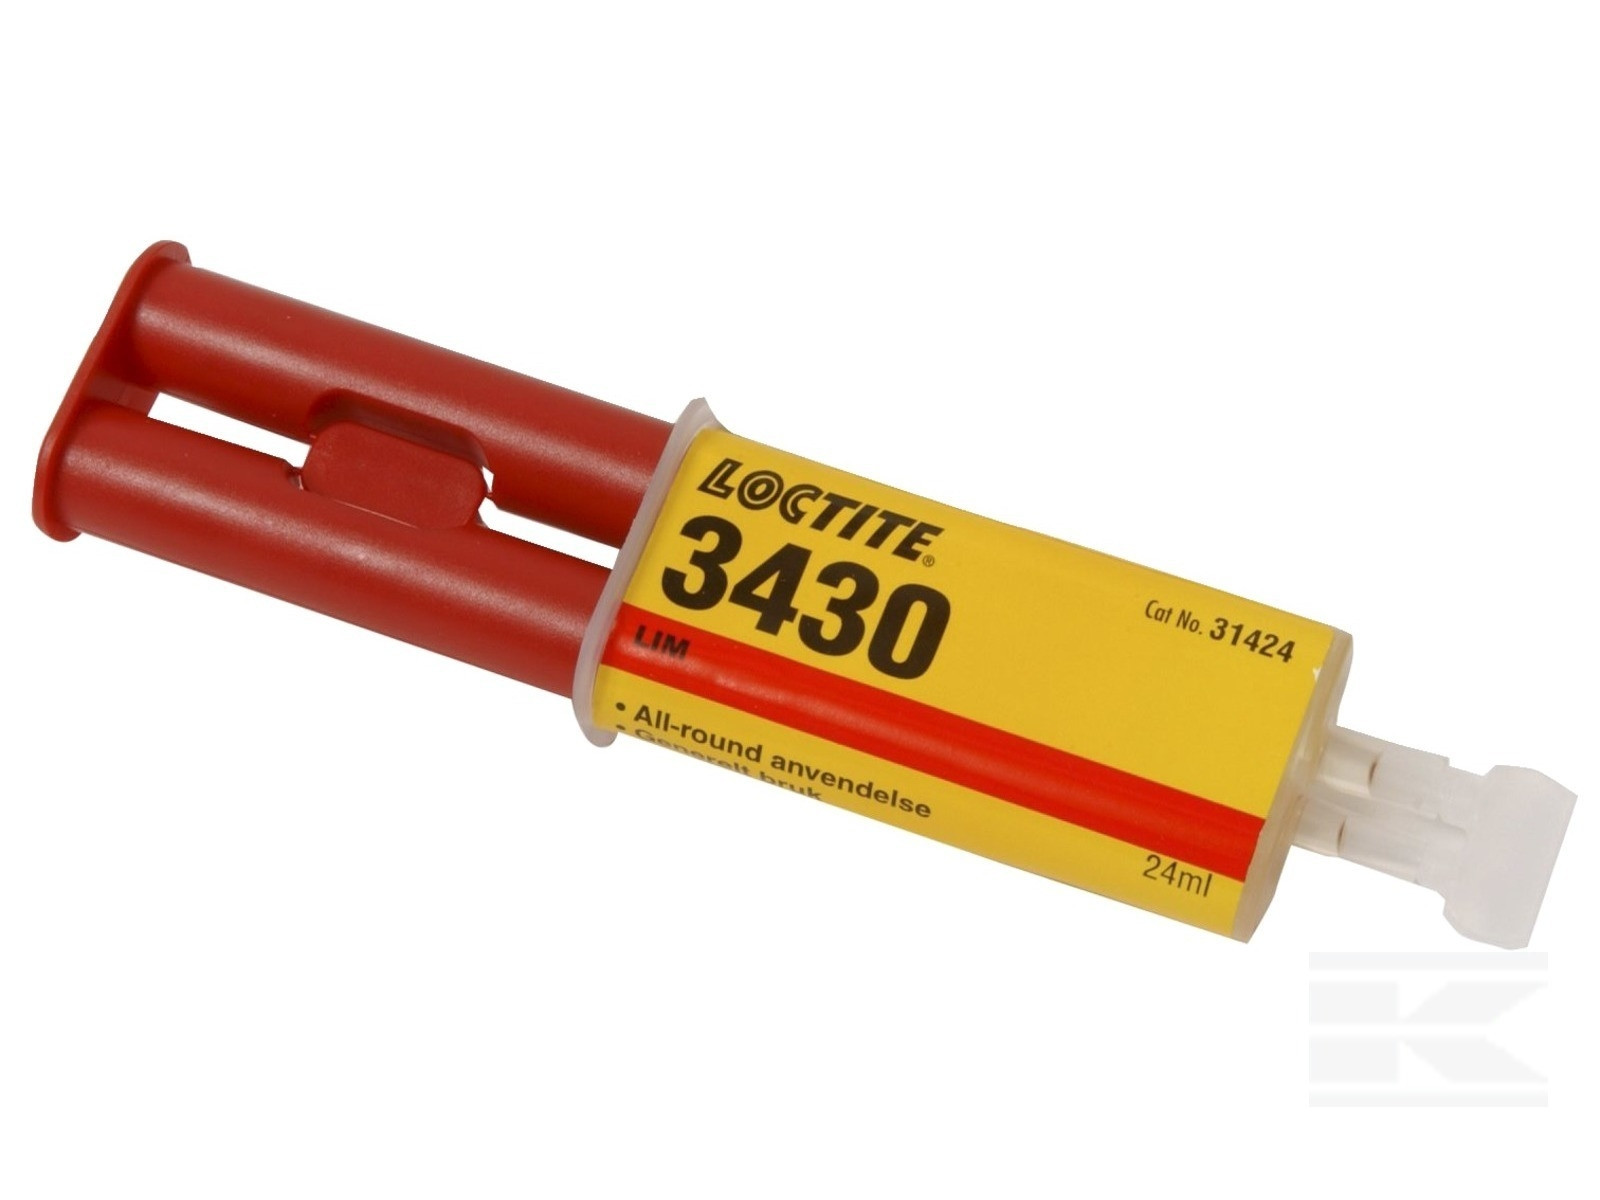 LOCTITE 3430 EPOXYLIM.   24 ML